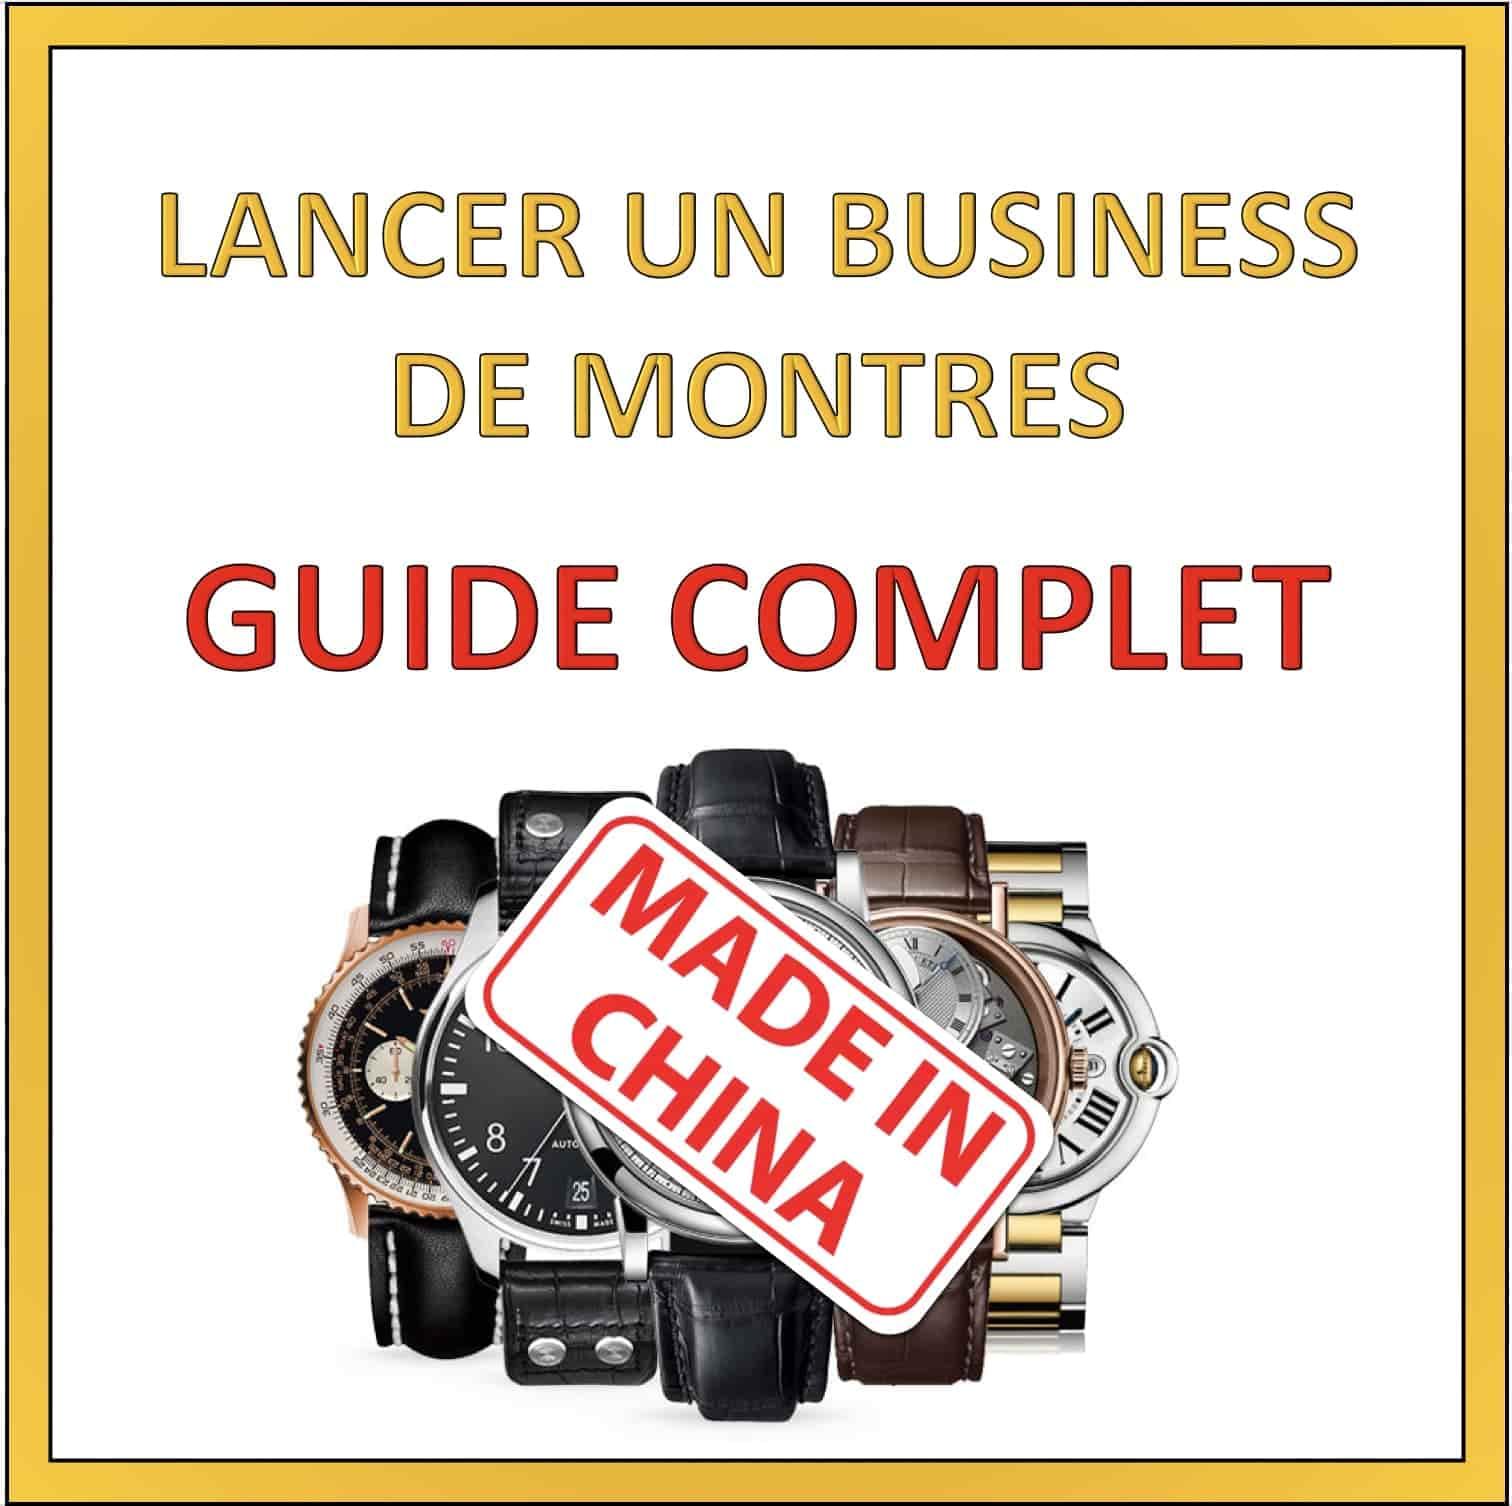 lancer un business de montre depuis la chine